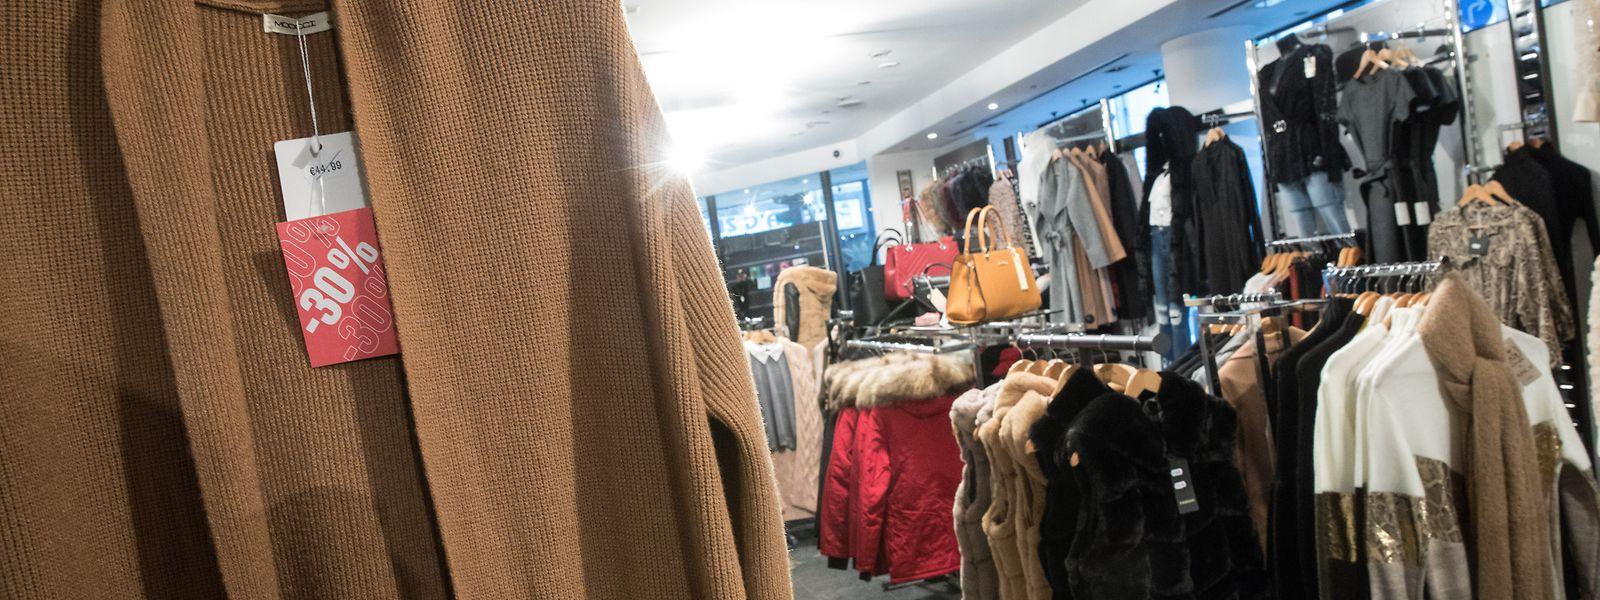 Le phénomène saisonnier des soldes fausse quelque peu la donne en matière d'indice des prix à la consommation, en particulier dans la division des «articles d'habillement et chaussures»